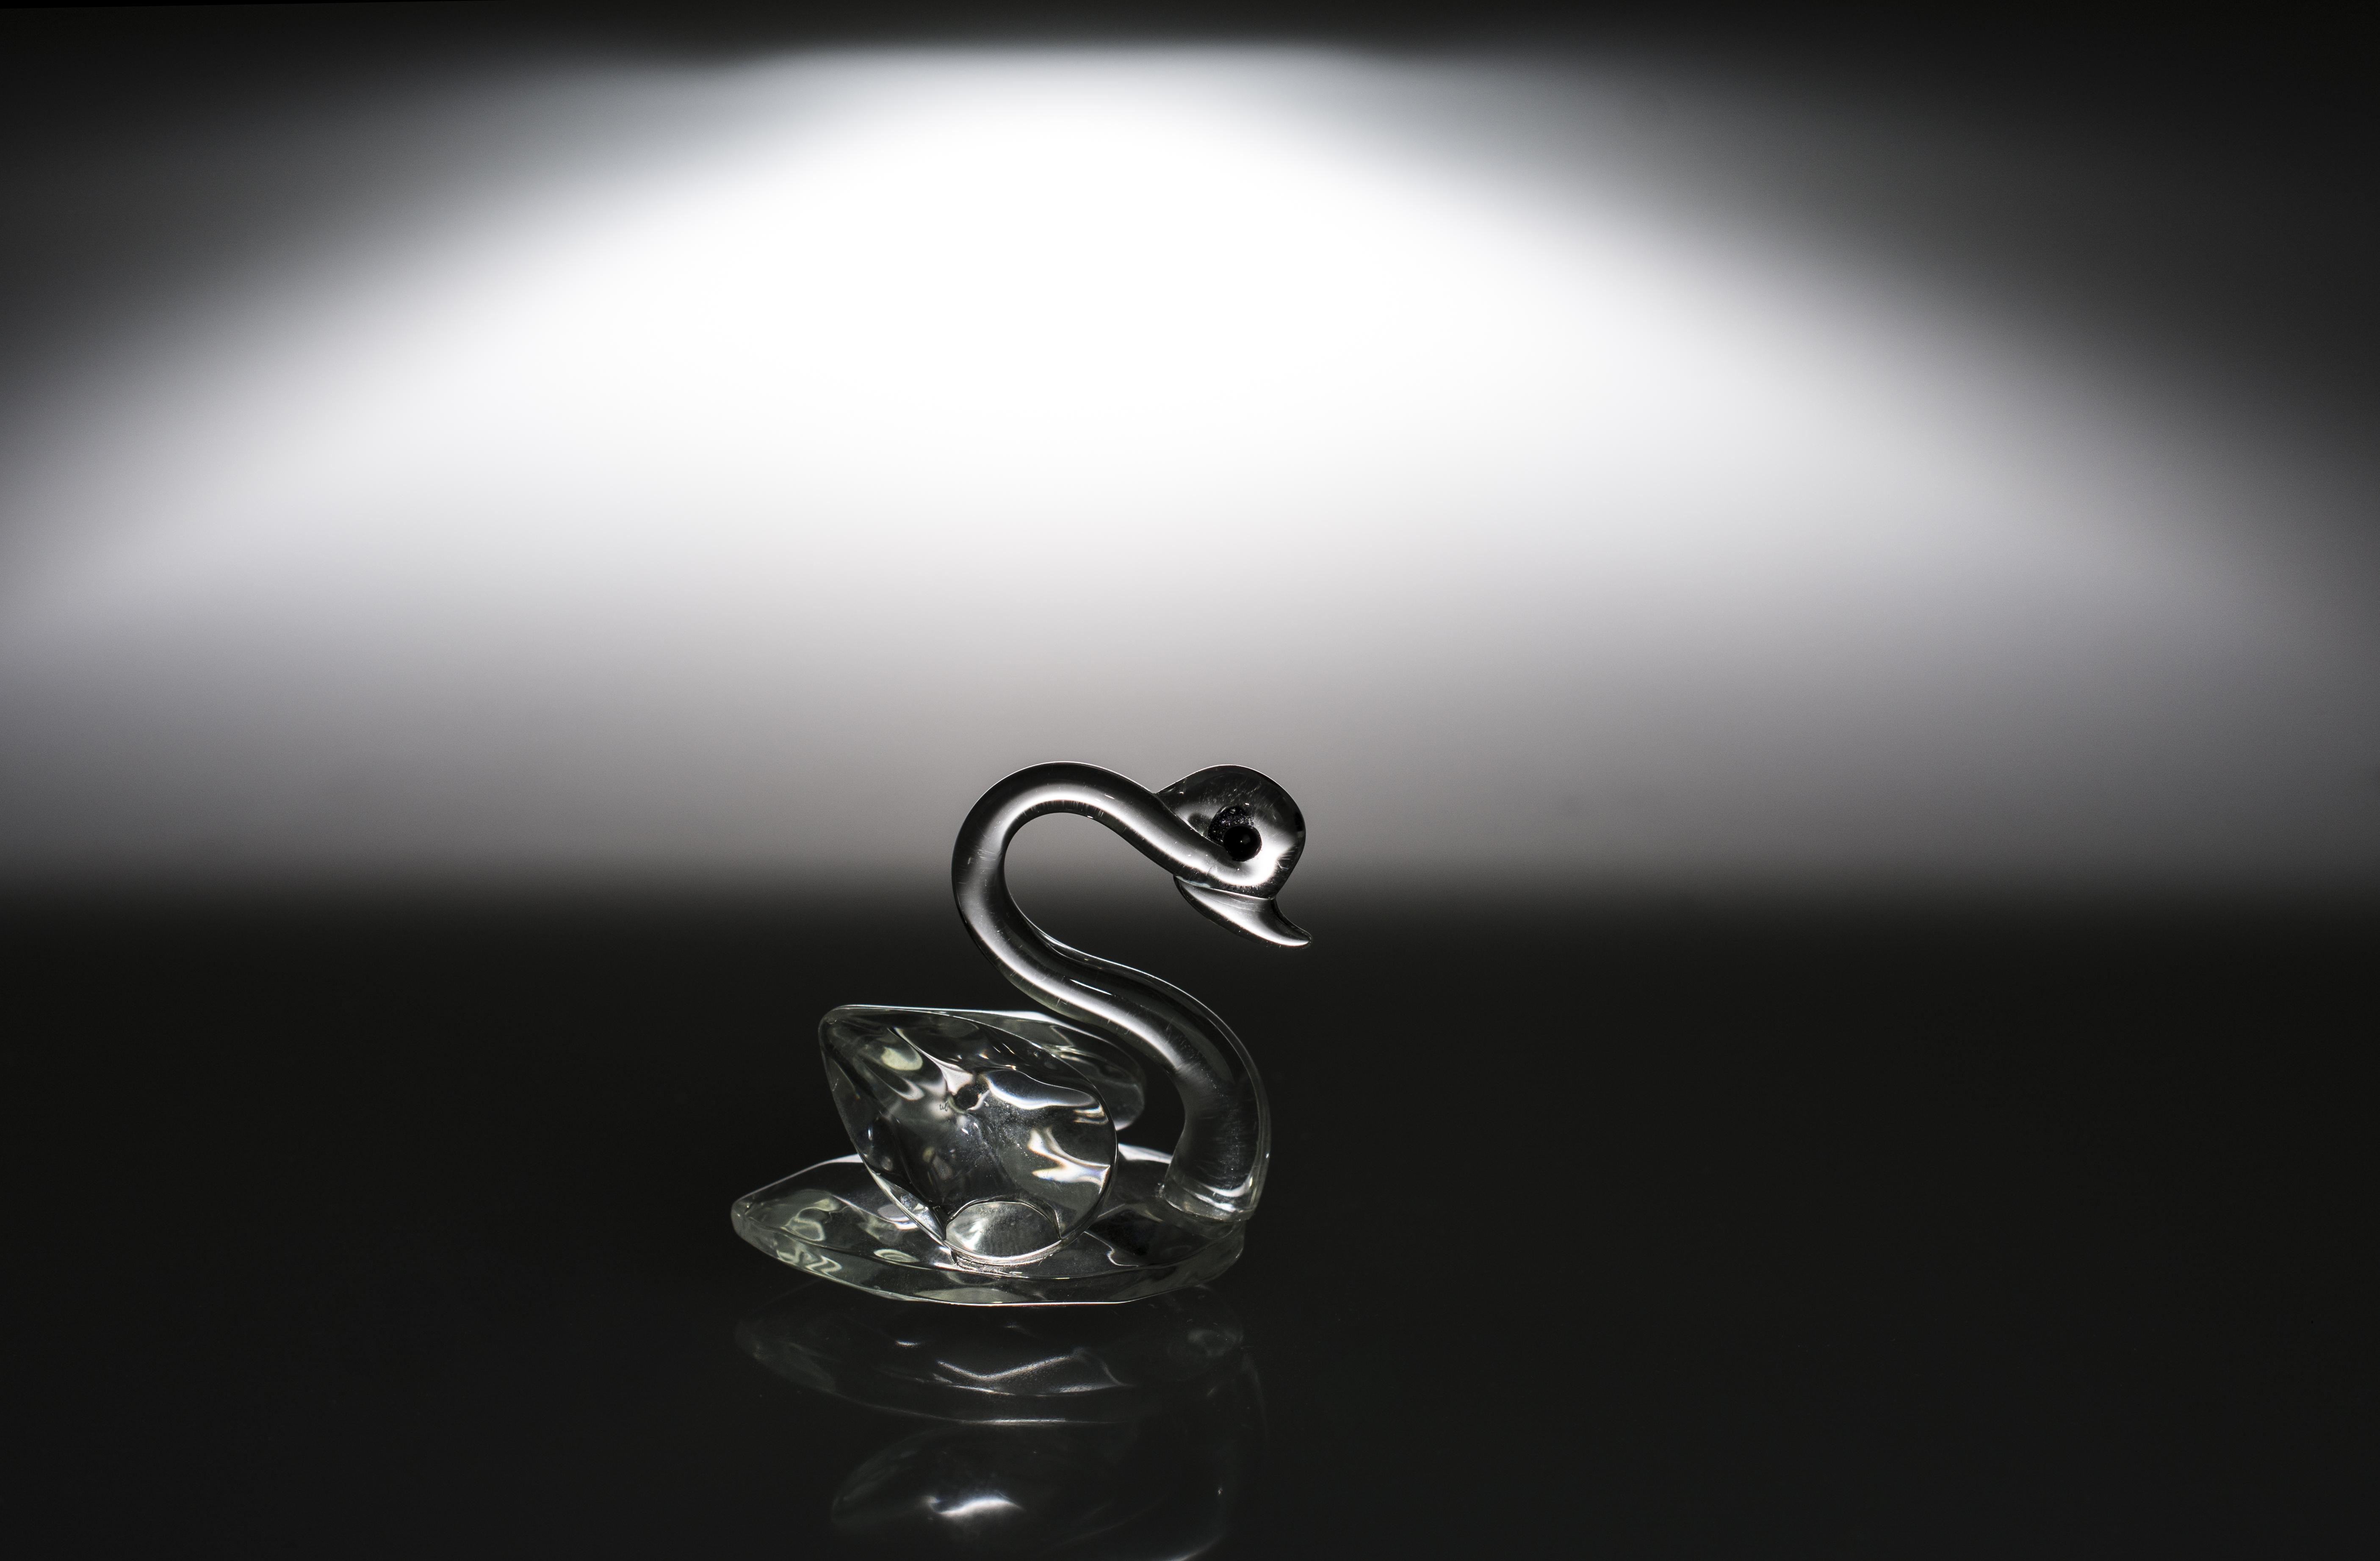 φωτογράφιση προϊόντων θεσσαλονίκη product photo